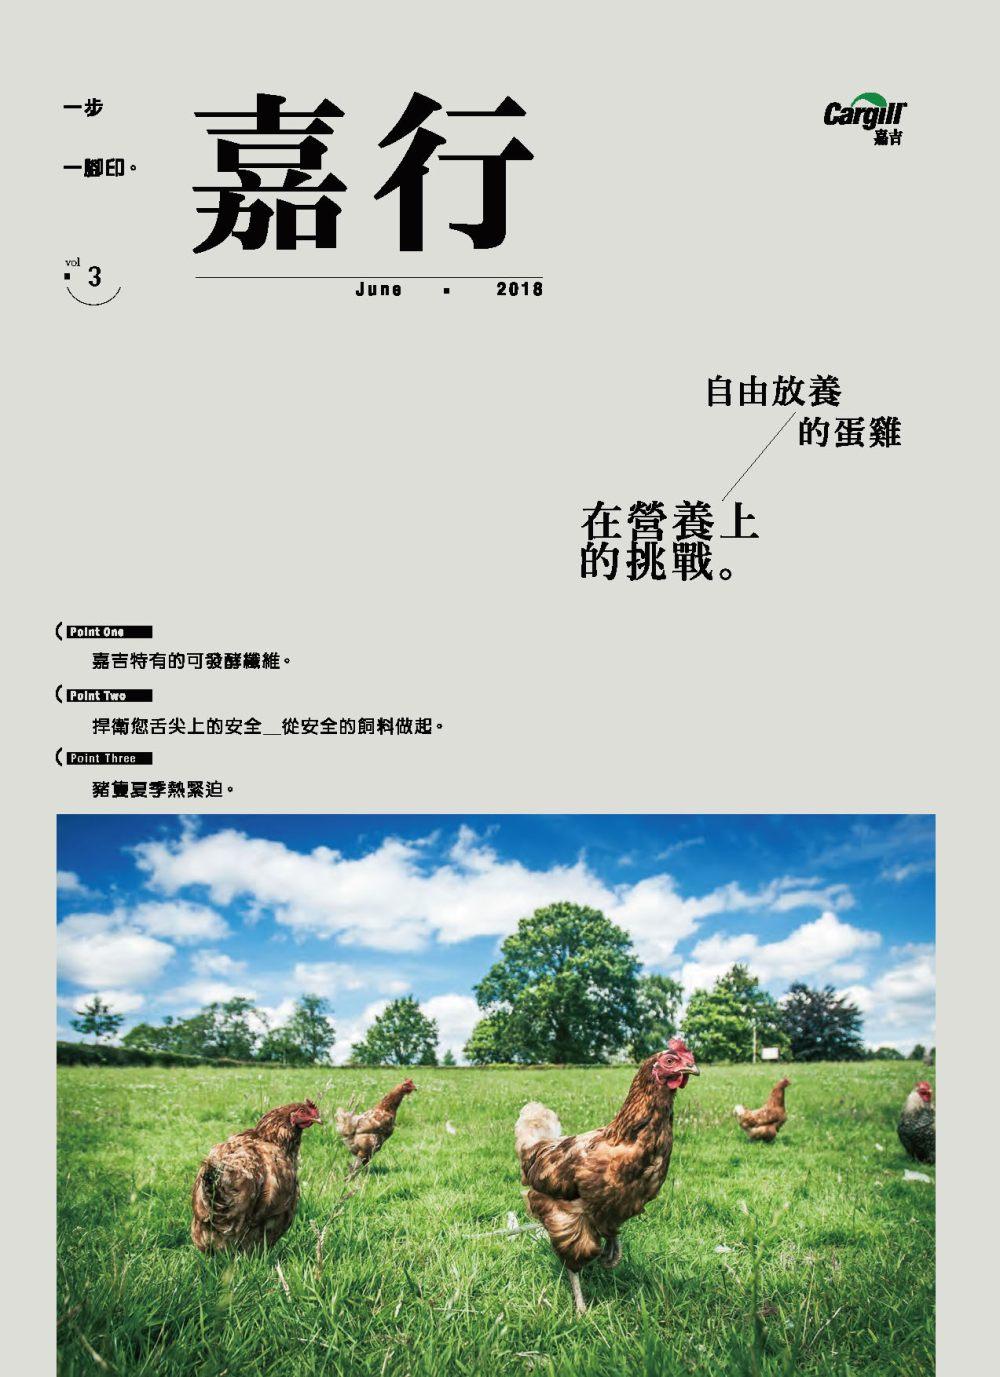 嘉行第三期_COVER